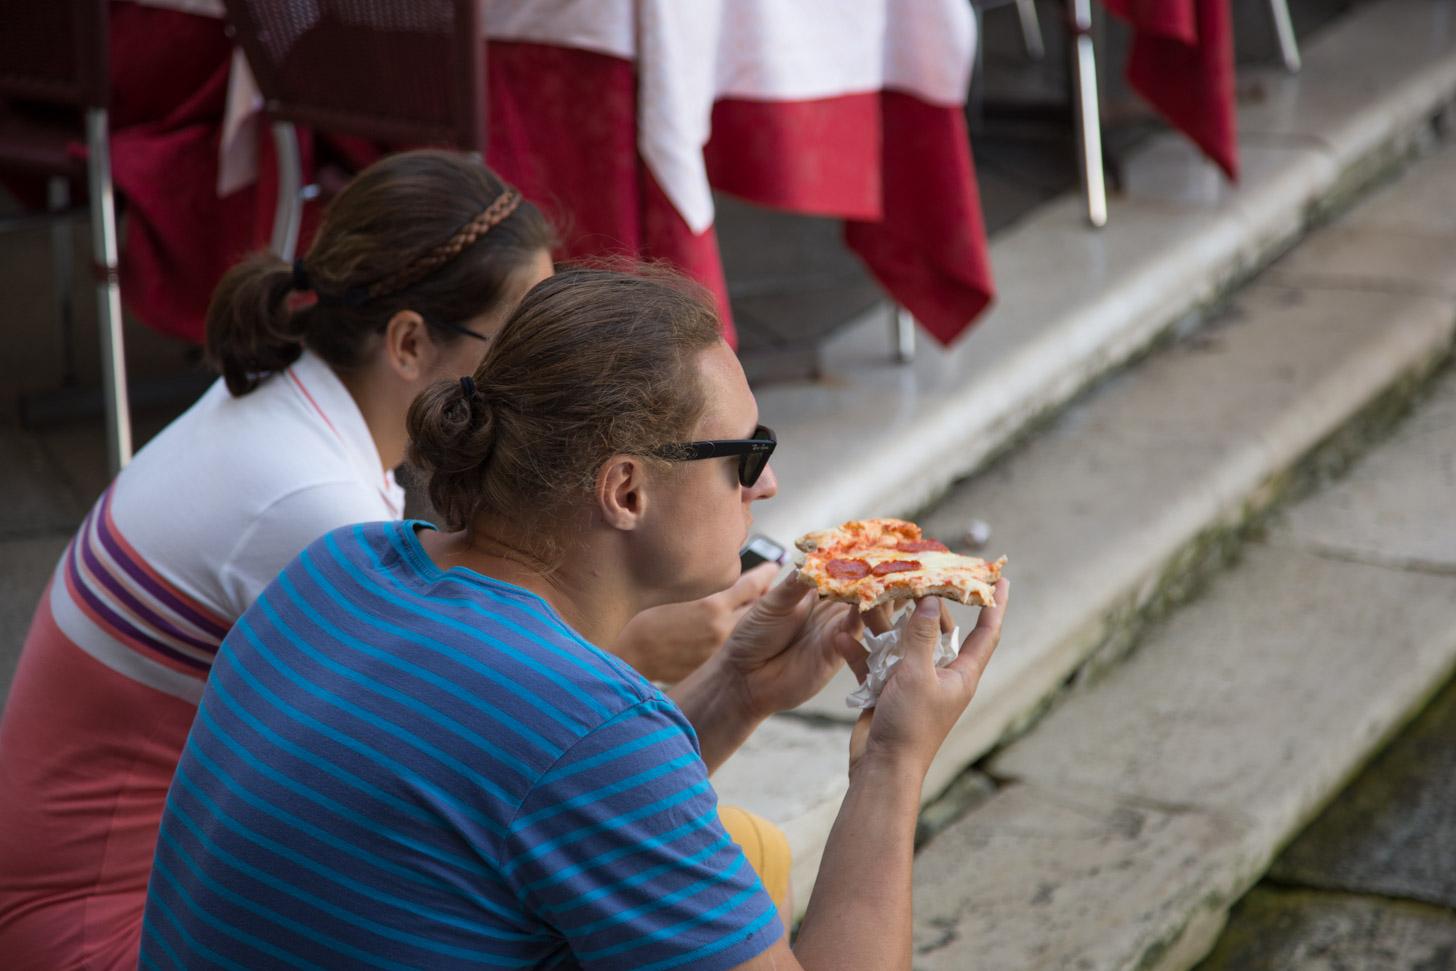 Voor eten op straat kun je een boete krijgen in Venetië